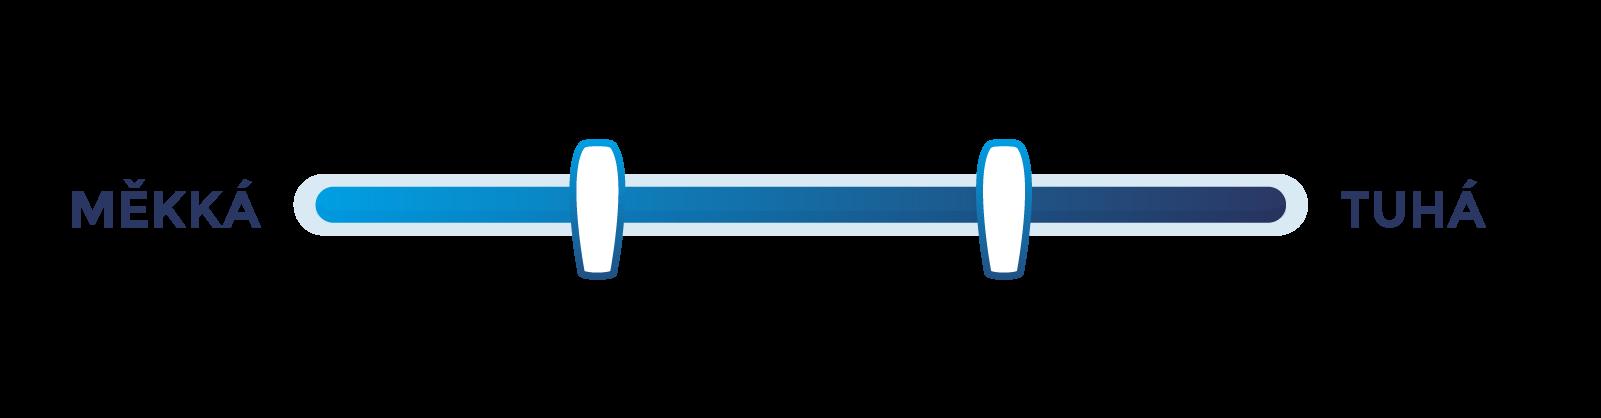 tuhost-matrace-skala-2-4